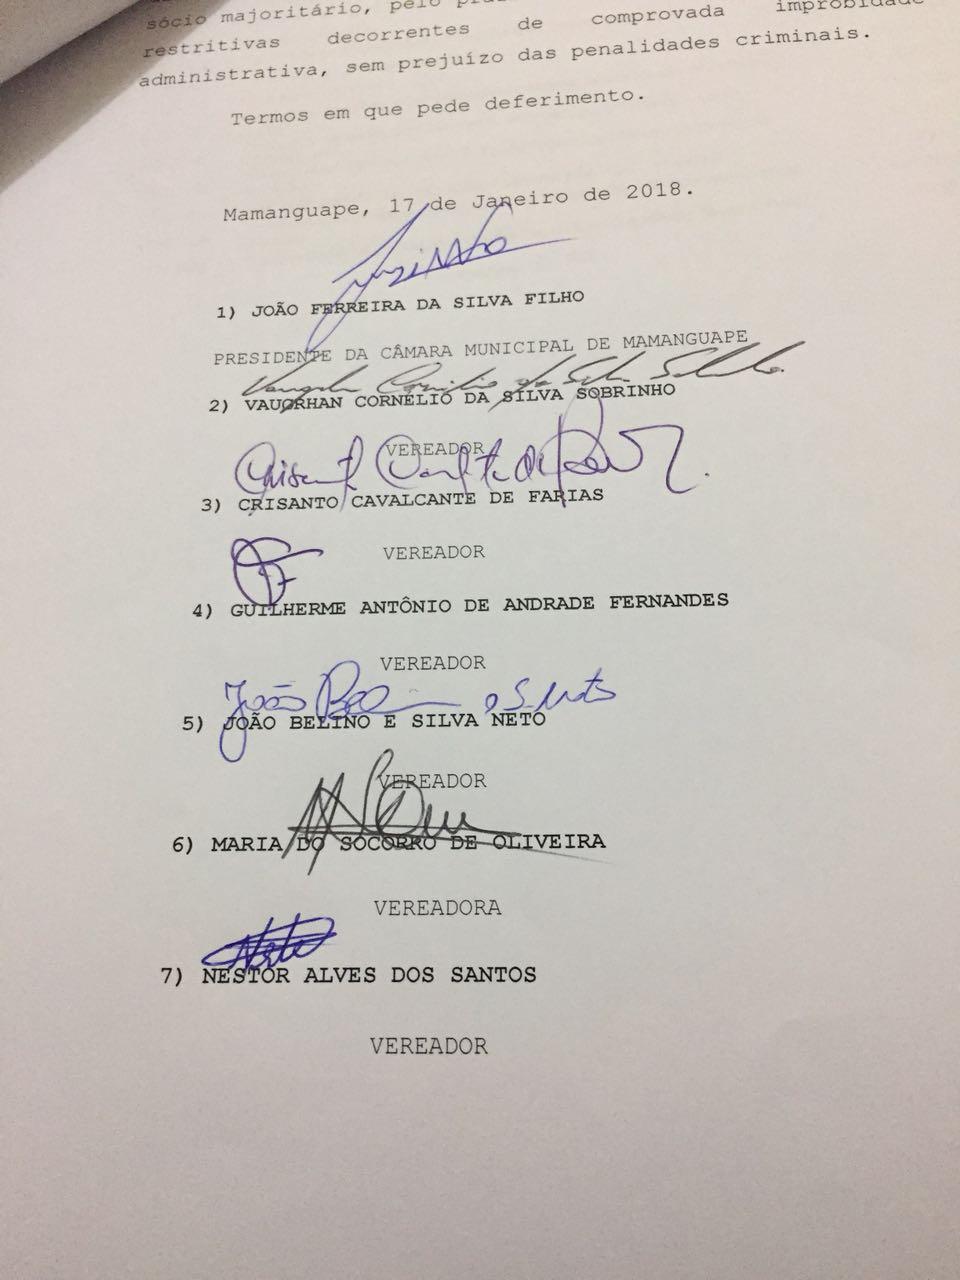 IMG 20180201 WA0018 - 'SUPERFATURAMENTO, CONTRATAÇÕES IRREGULARES...': vereadores denunciam prefeita de Mamanguape por 'crimes' cometidos na gestão pública